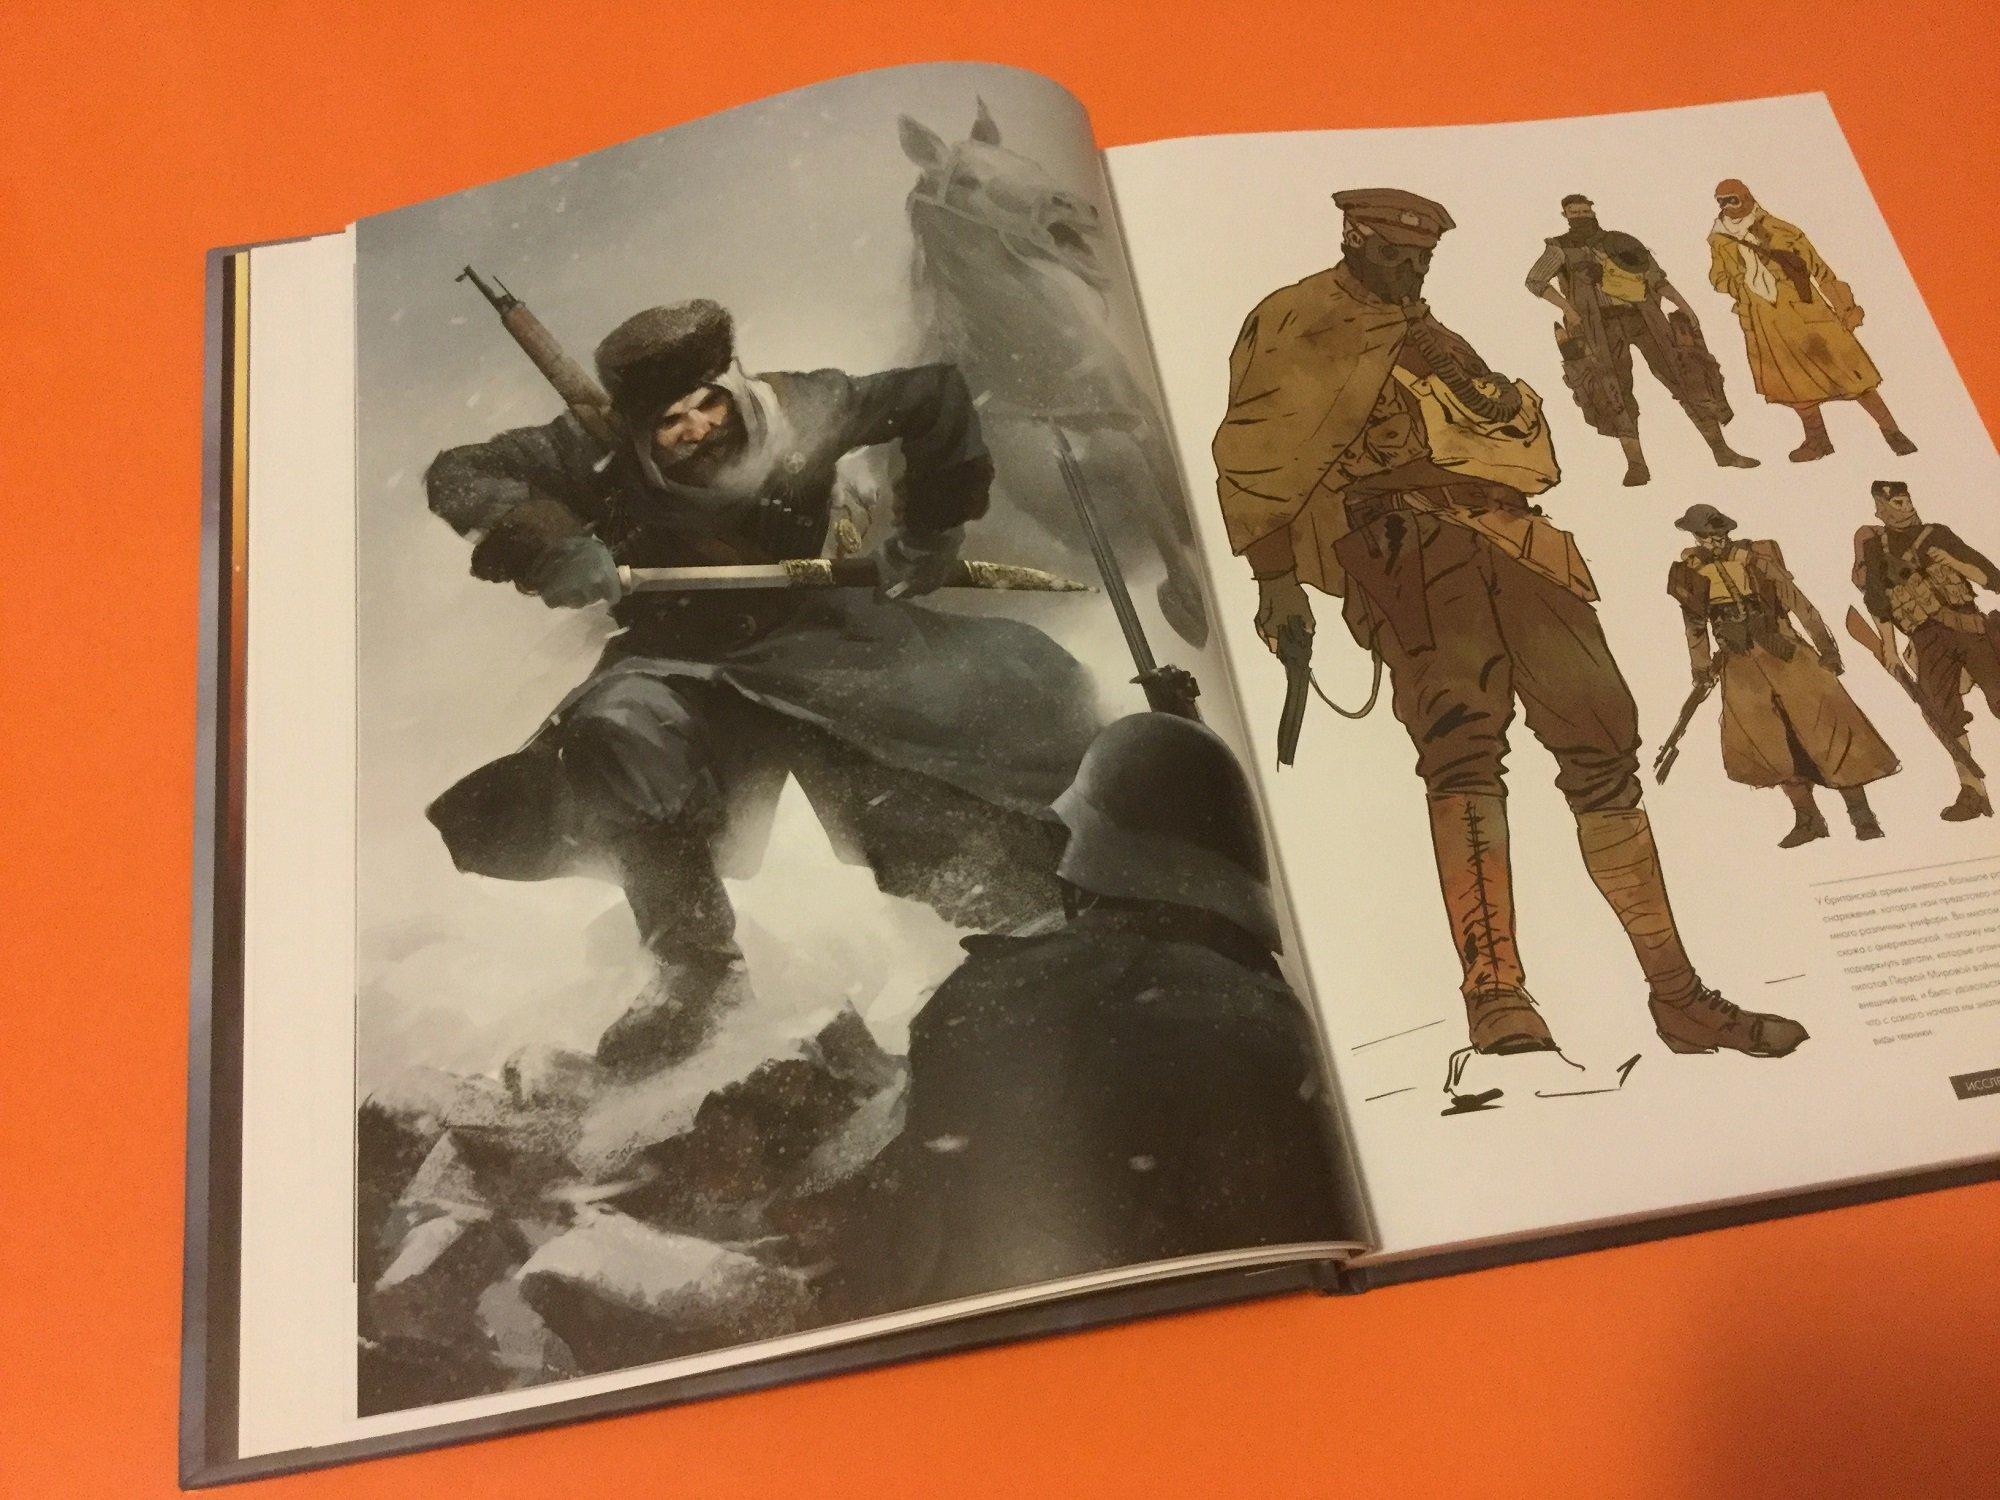 артбук искусство battlefield 1 рецензия арт отвратительные мужики disgusting men